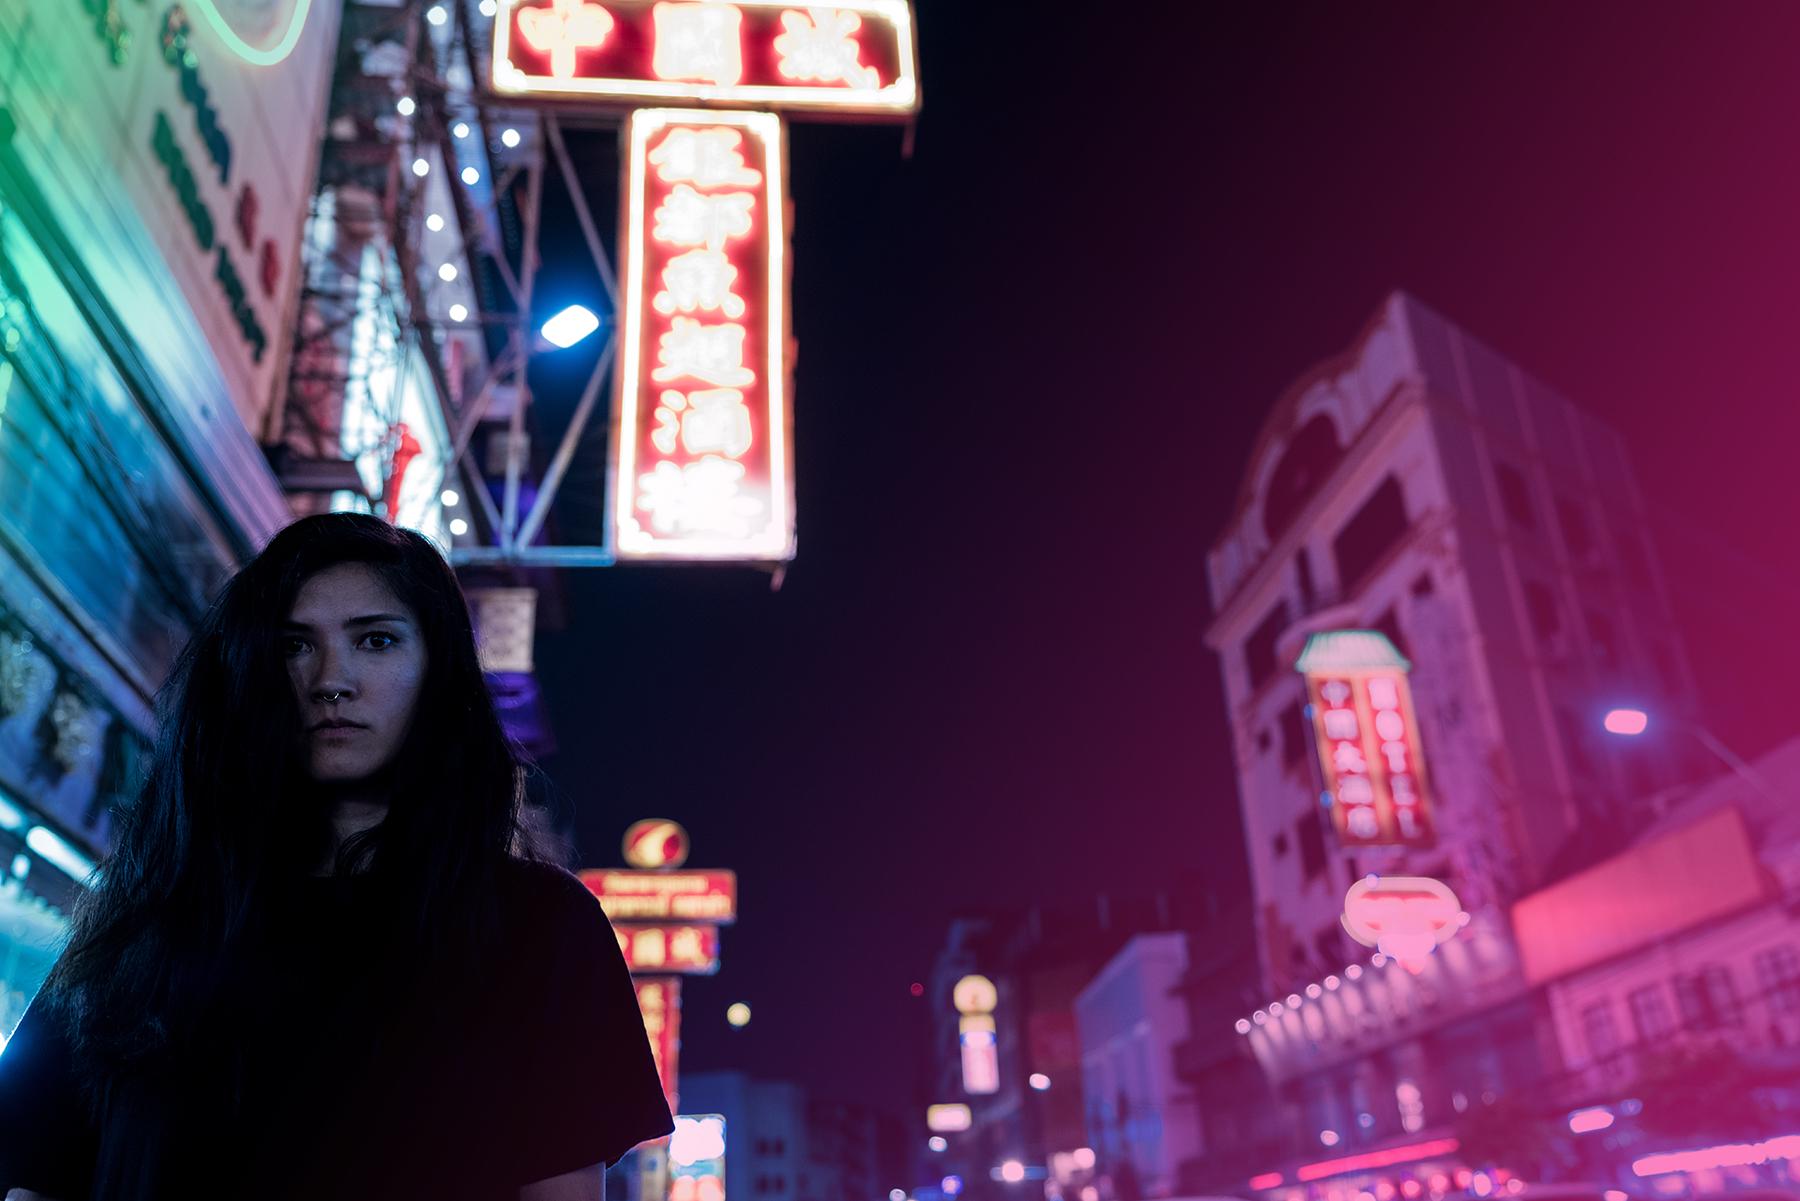 Chinatownstomping_ftu.jpg